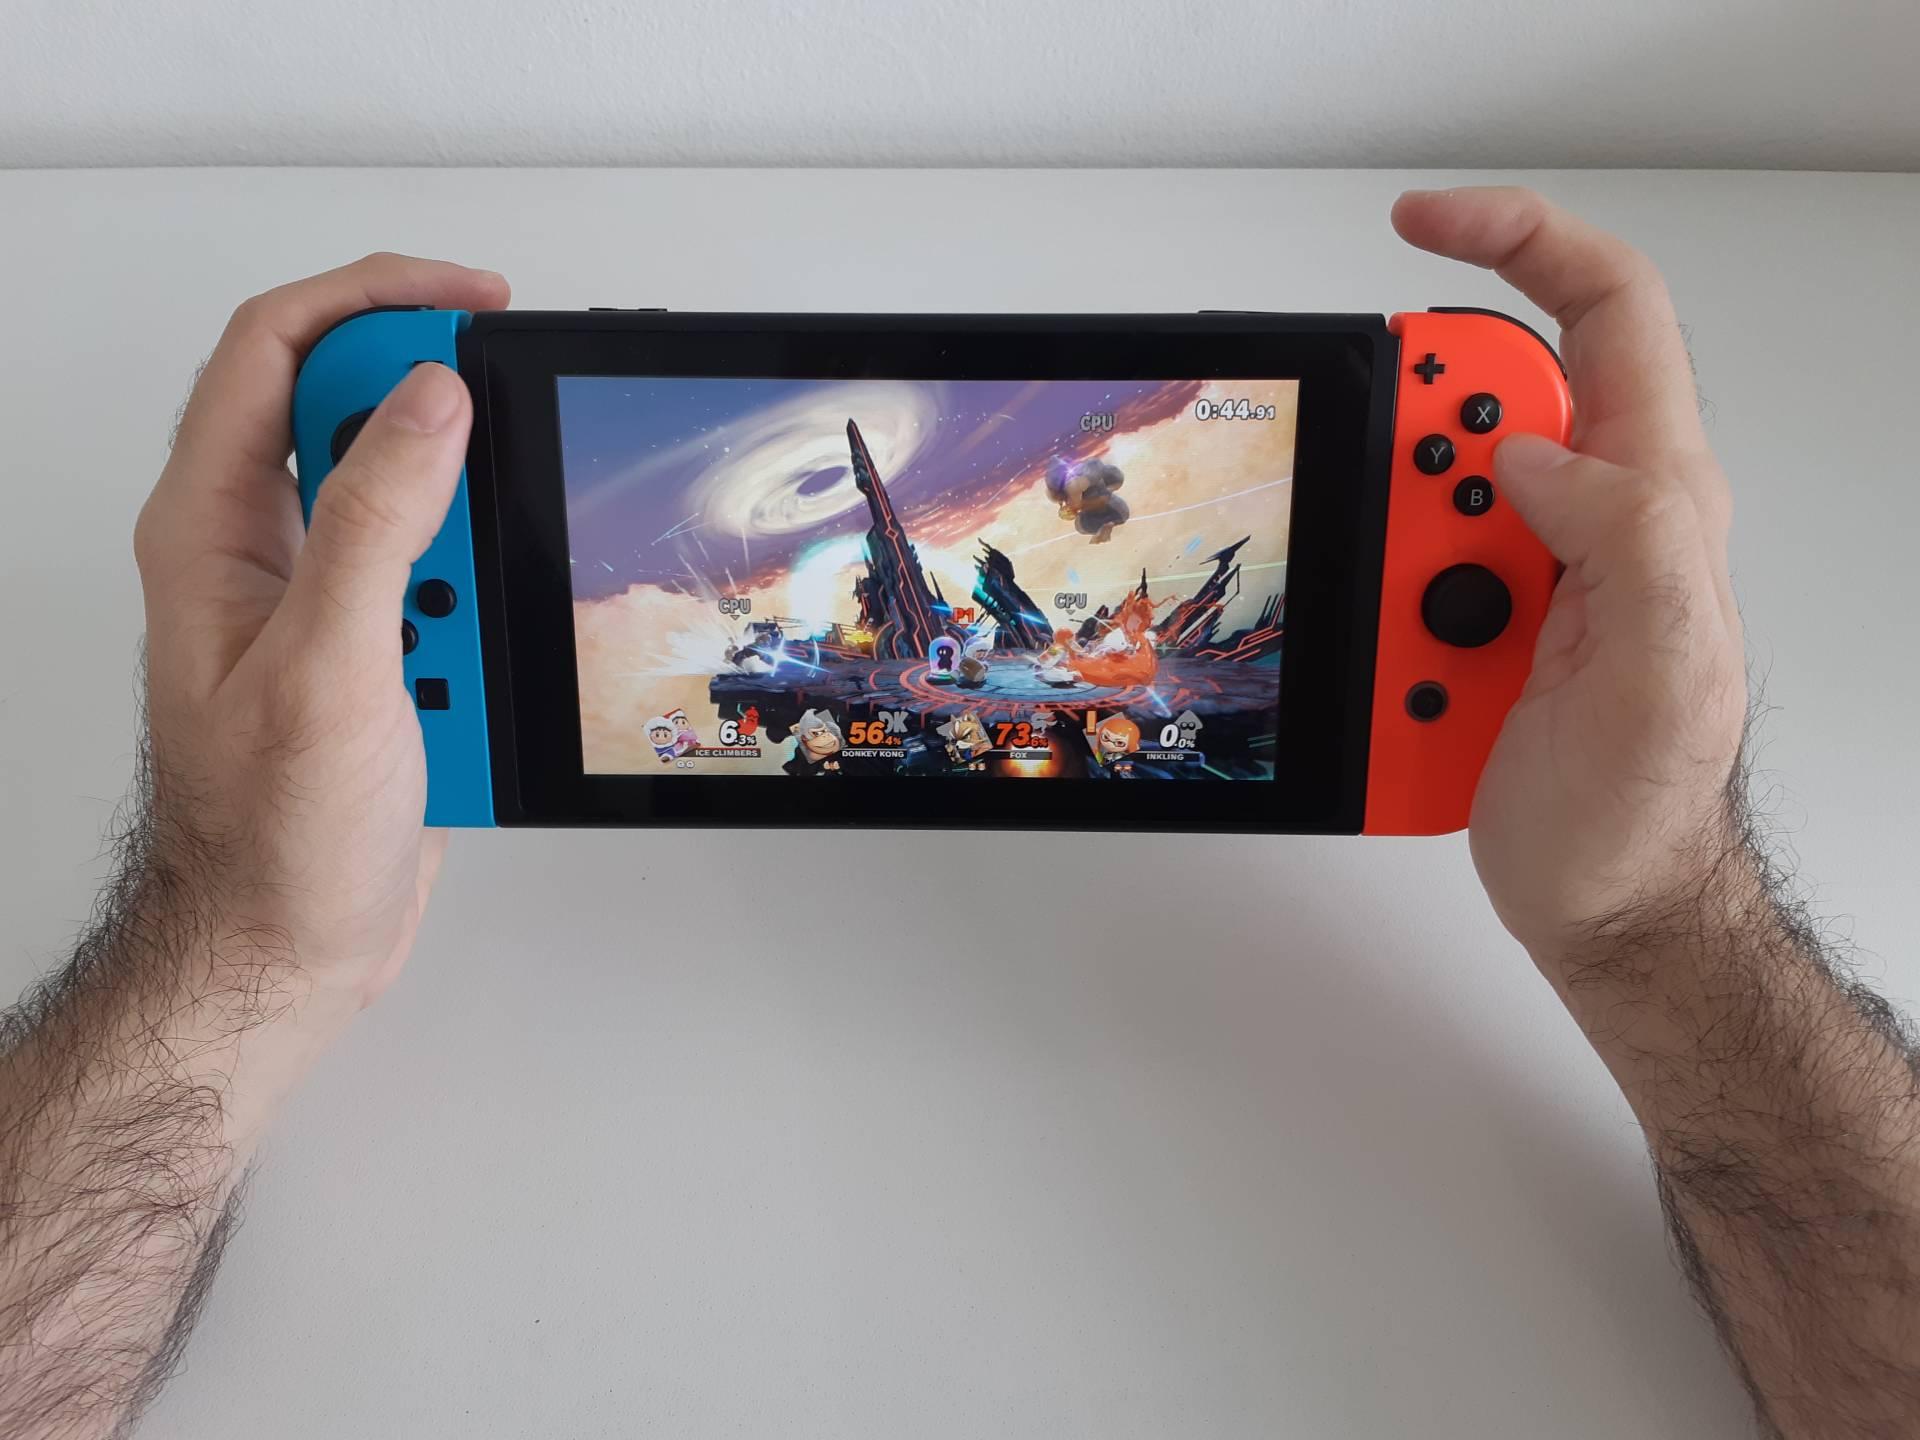 O modo portátil é semelhante a jogar no Game Boy ou Nintendo DS